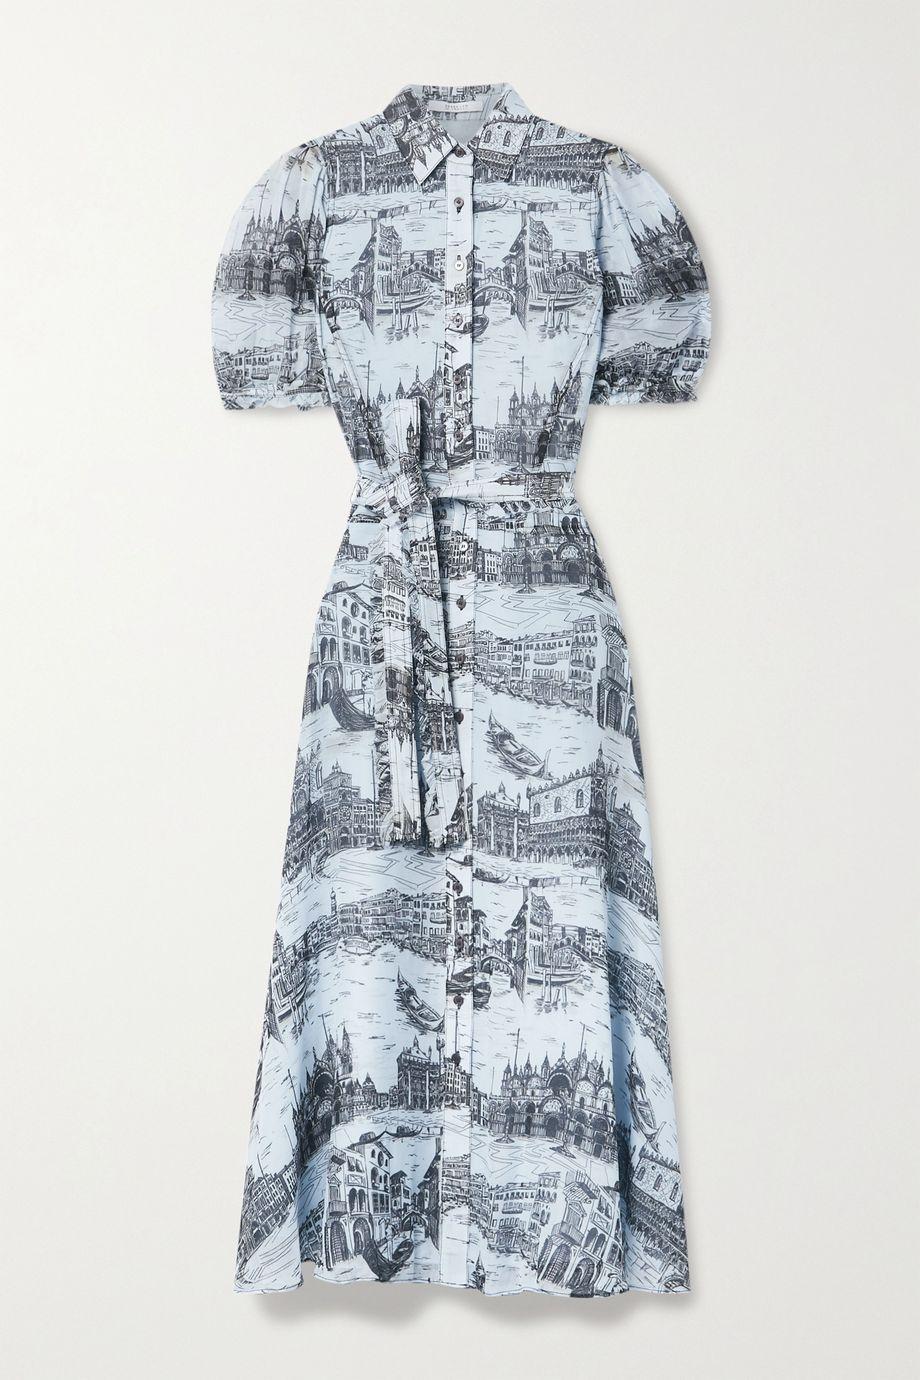 Derek Lam 10 Crosby Faye Midi-Hemdblusenkleid aus bedrucktem Crêpe de Chine mit Bindegürtel